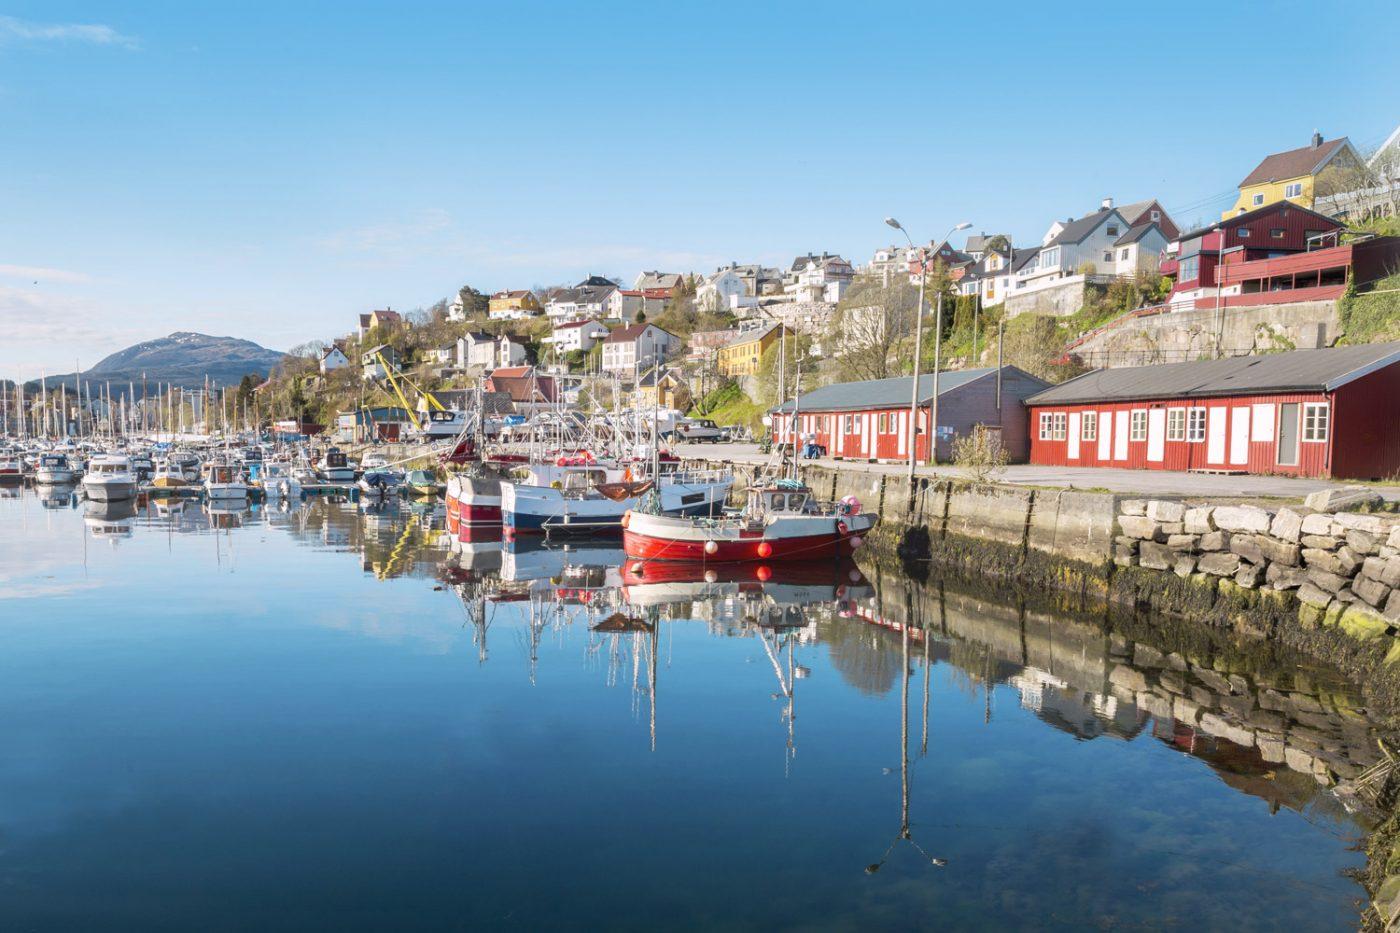 Der Hafen von Kristiansand mit vielen kleinen Booten und zahlreichen bunten Häuschen im Hintergrund.